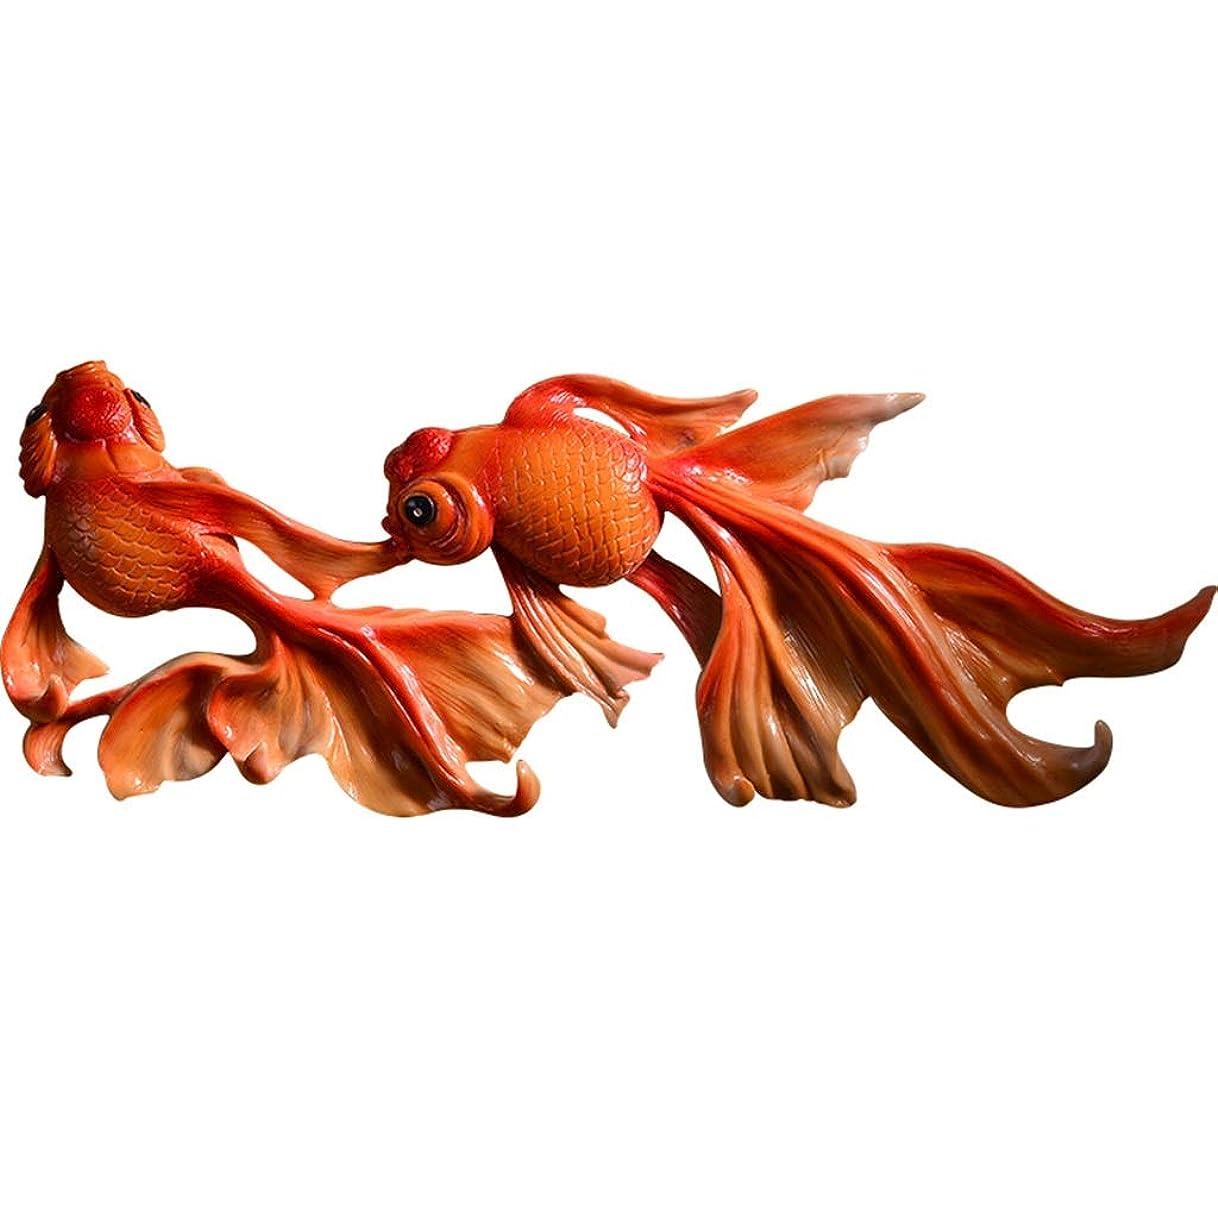 吐き出す粉砕するシアーハンガーラック 金魚フッククリエイティブ壁掛けコートラック寝室ラックバスタオル掛けタオル掛けドア裏 (Color : Red, Size : 53cm*5cm*22cm)